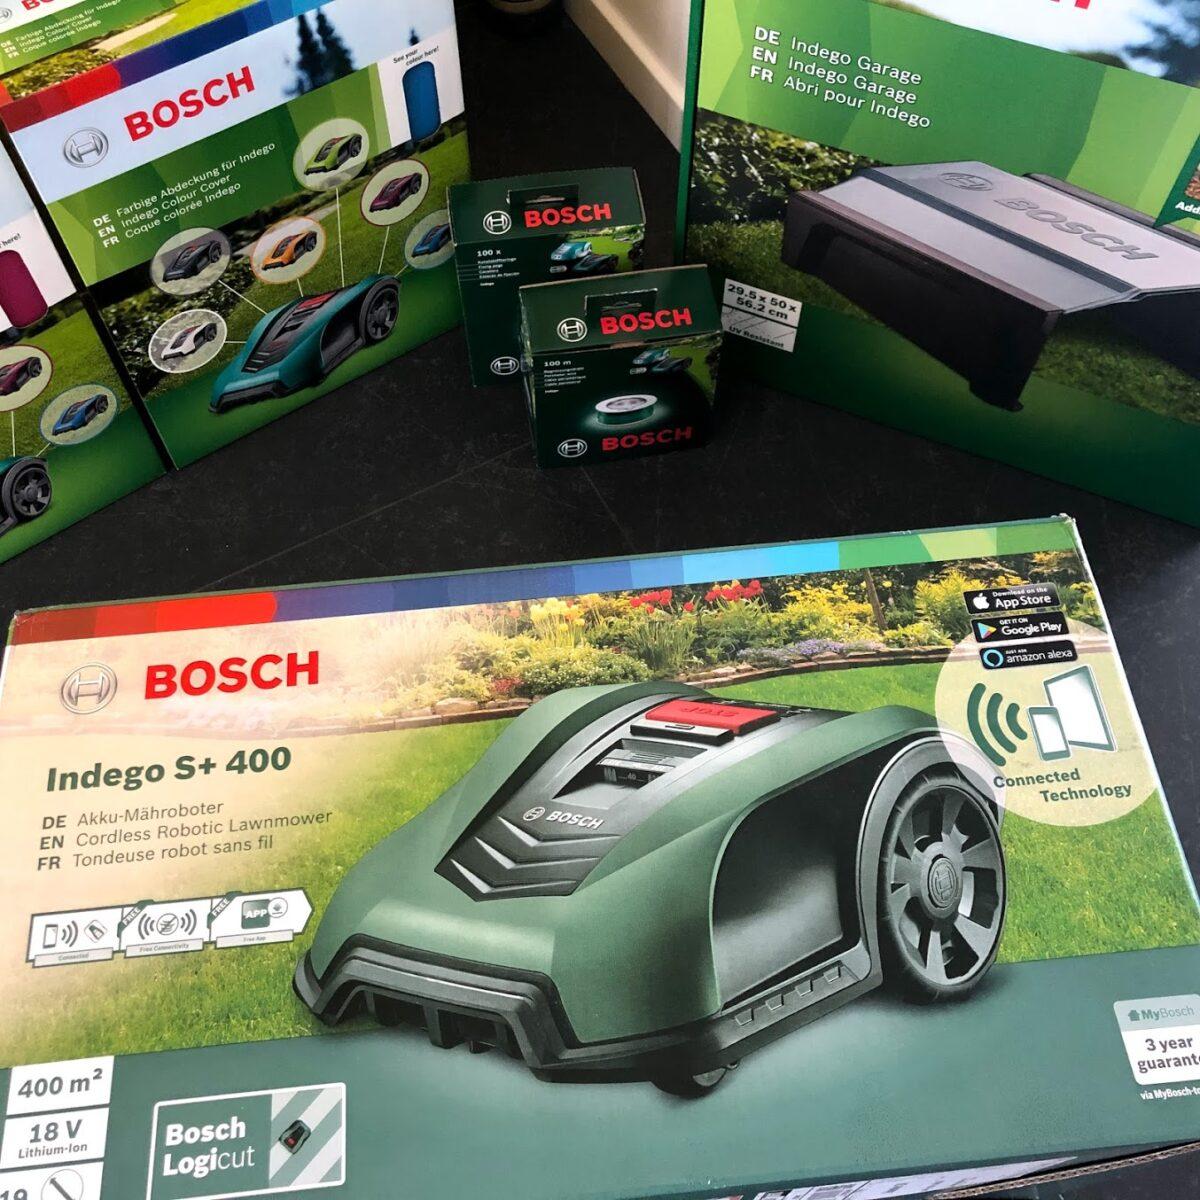 Test af Bosch Indego 400 connect s+ s+400 erfaring test anmeldelse review garage virker god robotplæneklipper støjniveau lydniveau